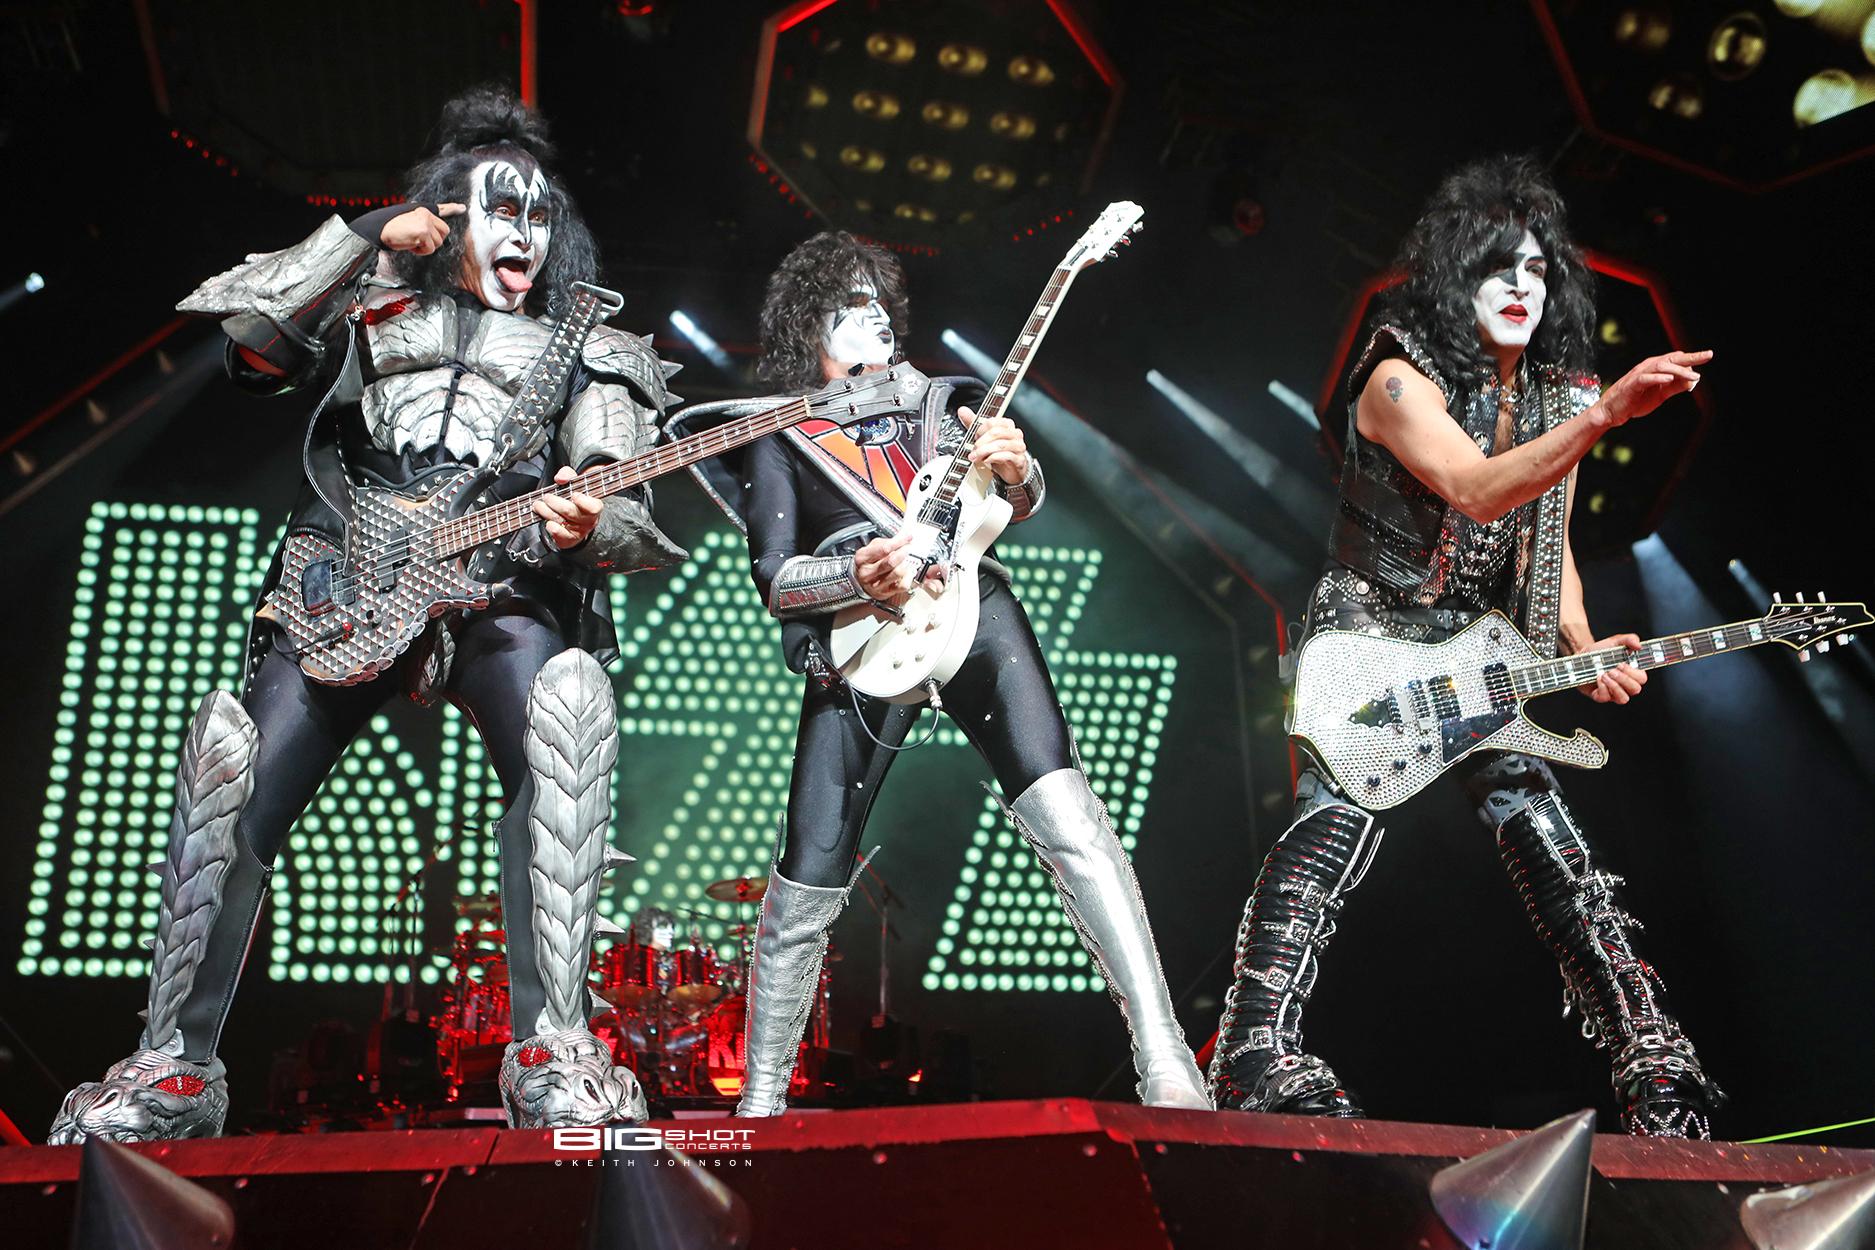 KISS Plays Final Concert at BB&T Center